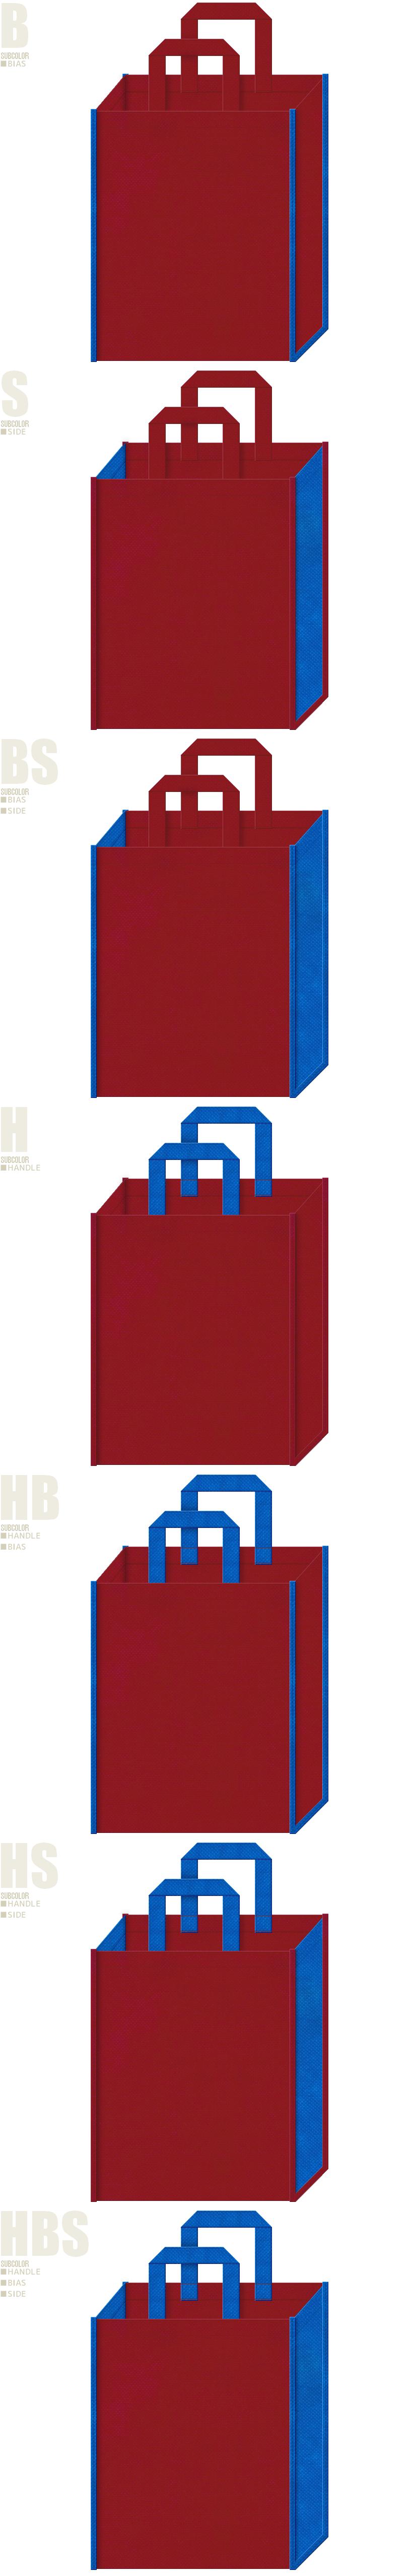 不織布トートバッグ 不織布カラーNo.25ローズレッドとNo.22スカイブルーの組み合わせ